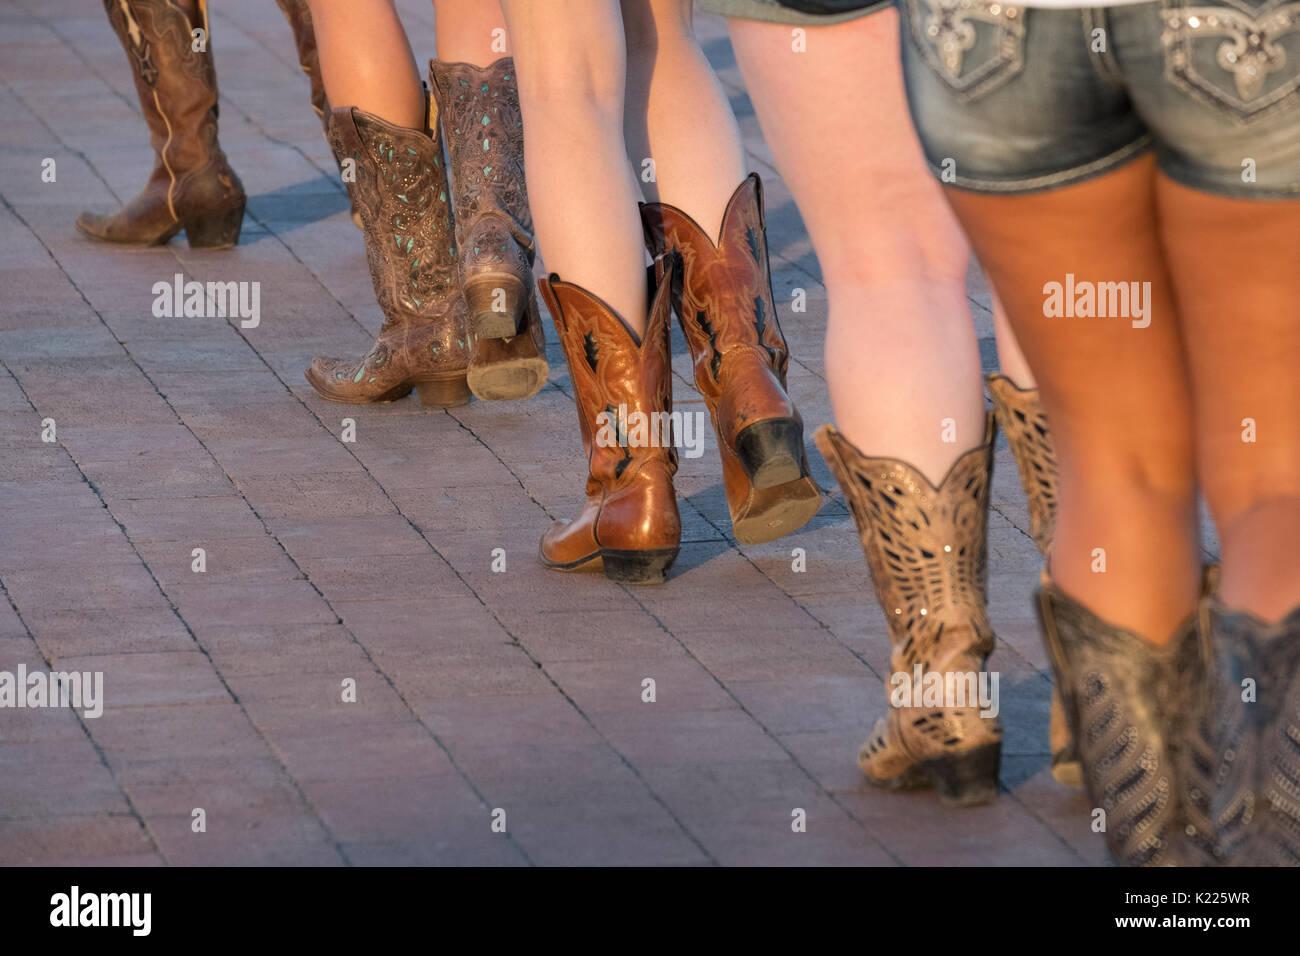 Les femmes La danse en ligne dans le style western cowboy